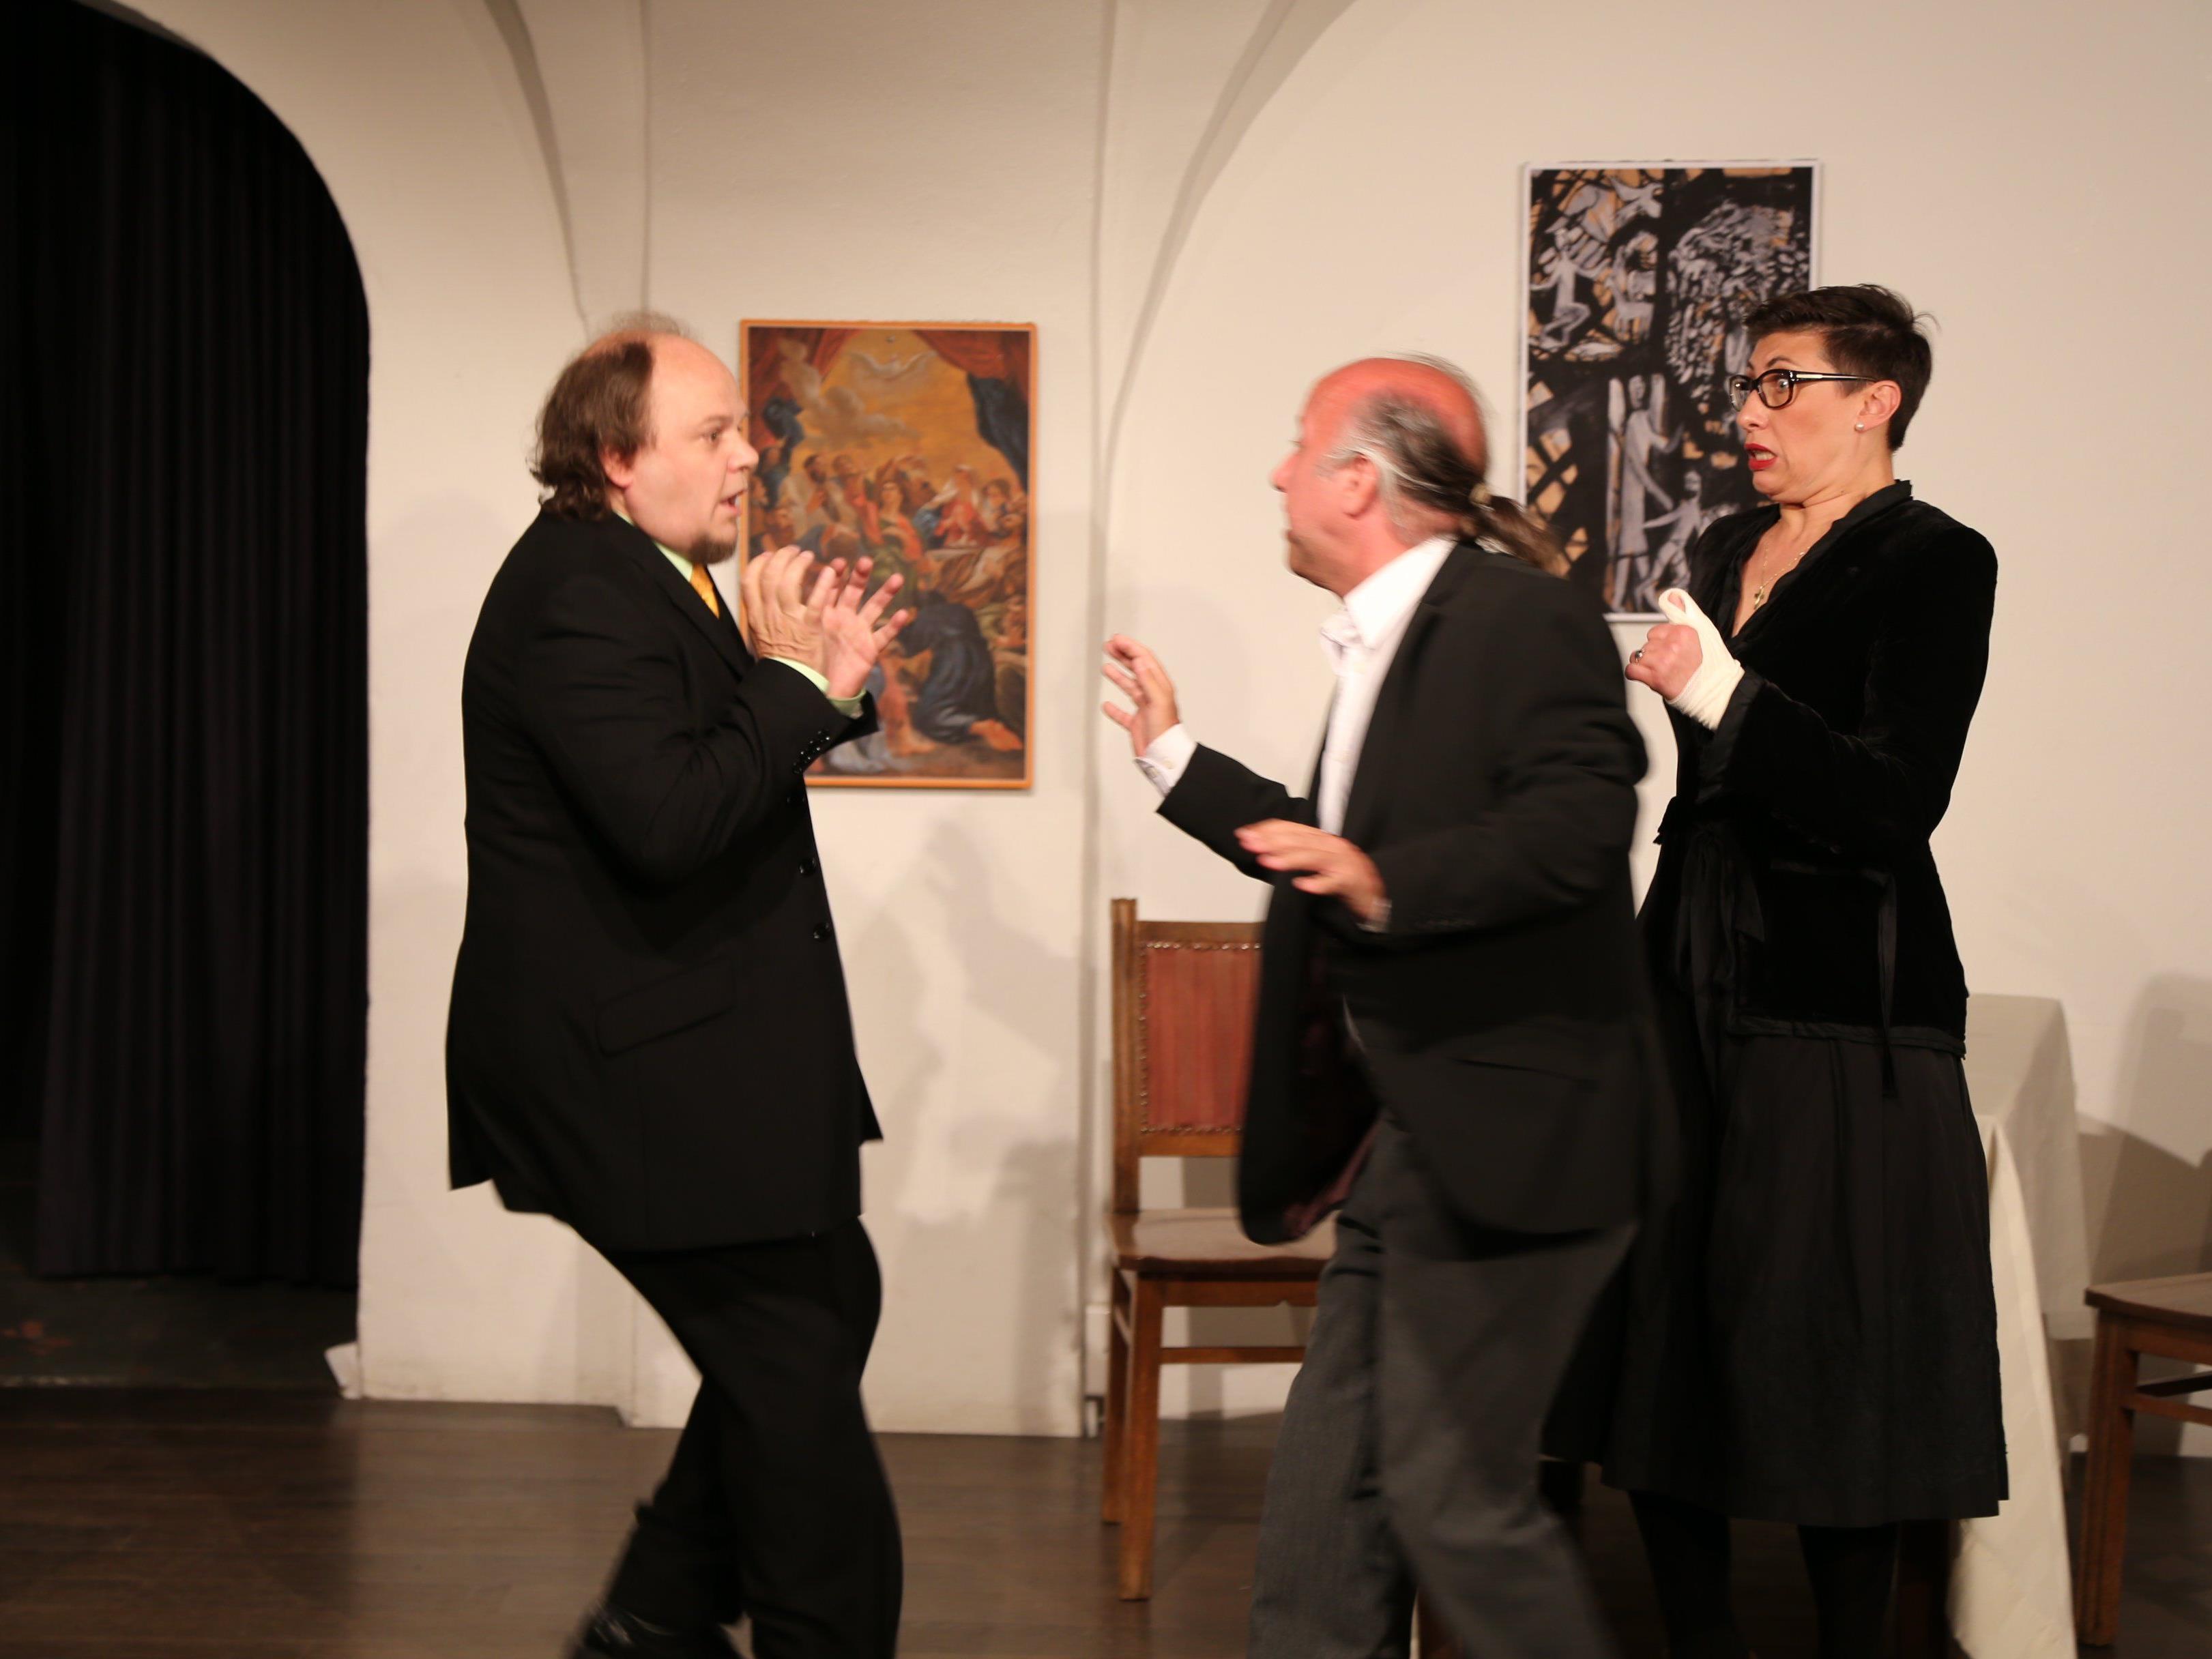 Szene mit Tartuffe (Wolfgang Rainer, links), Marcus Harm, Alexandra Lässer.